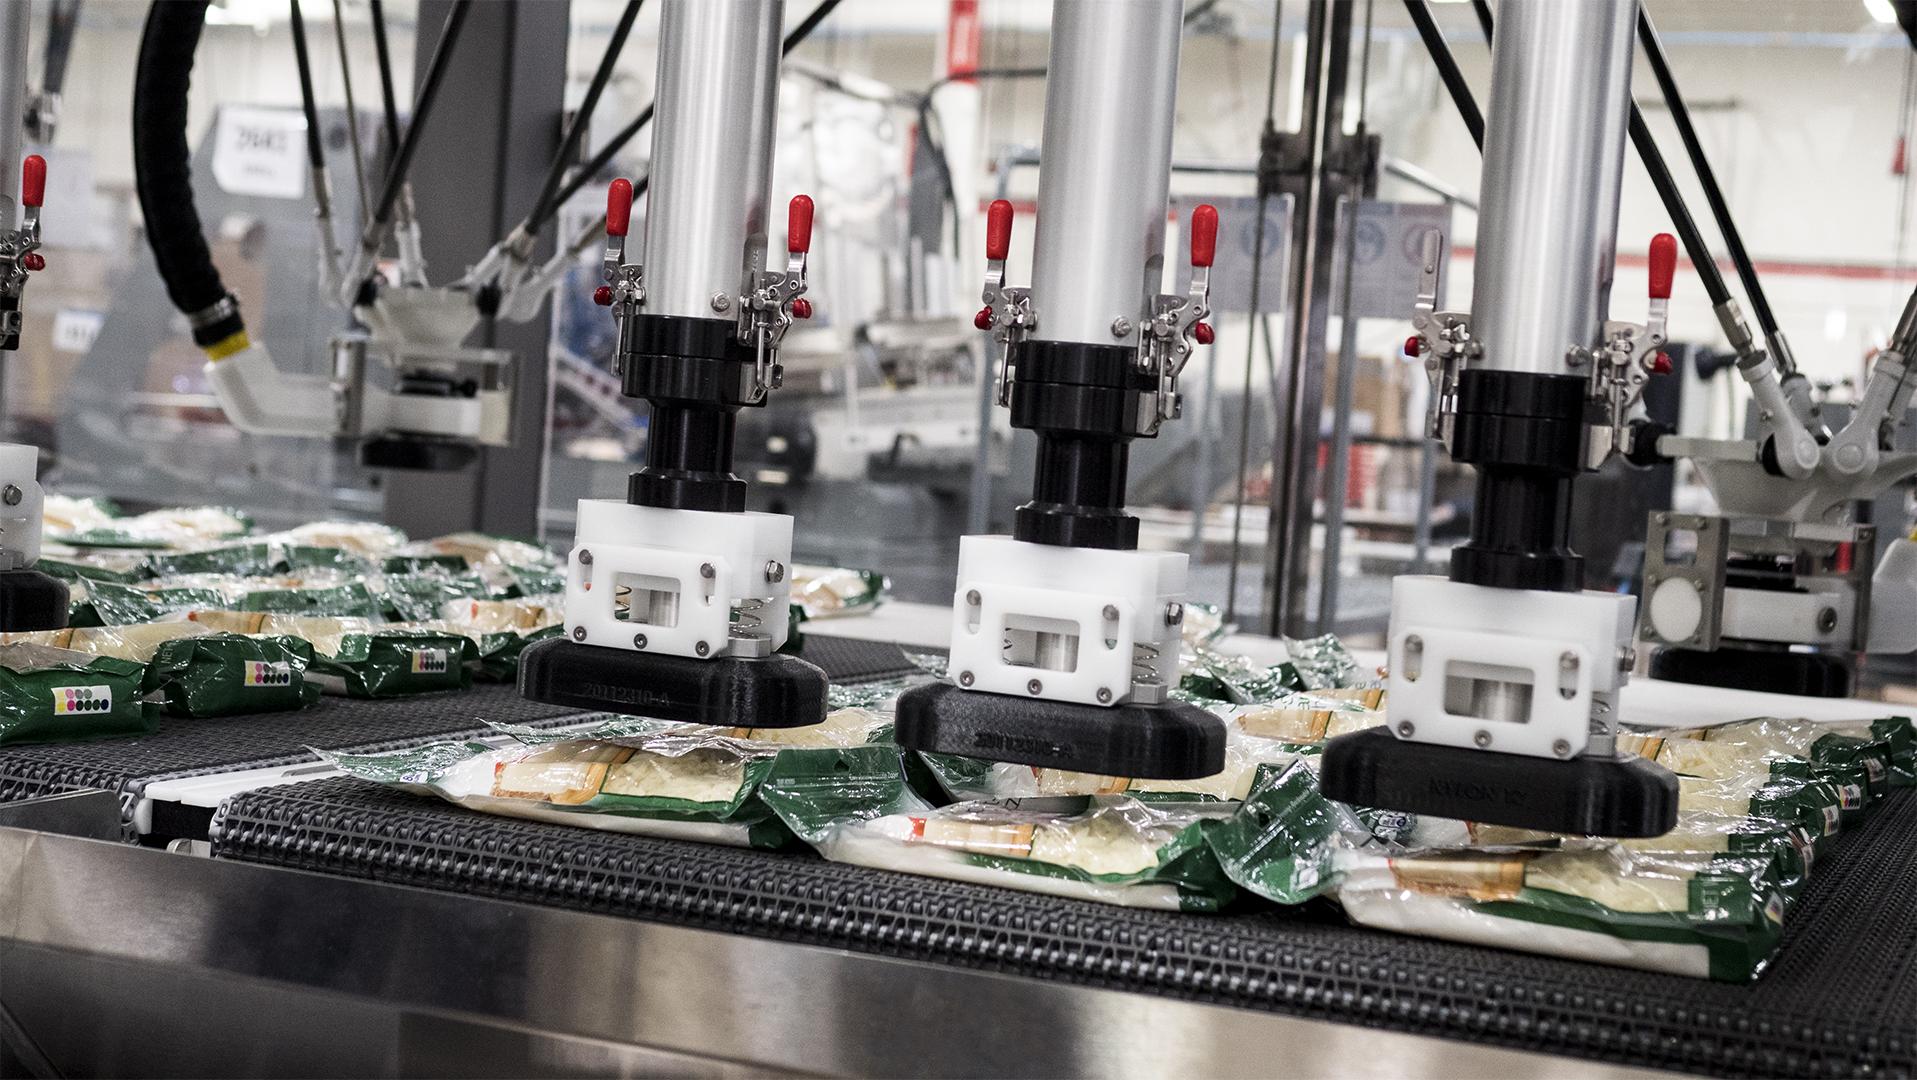 182445 - MSP Series Case Packer - Schreiber - Dairy